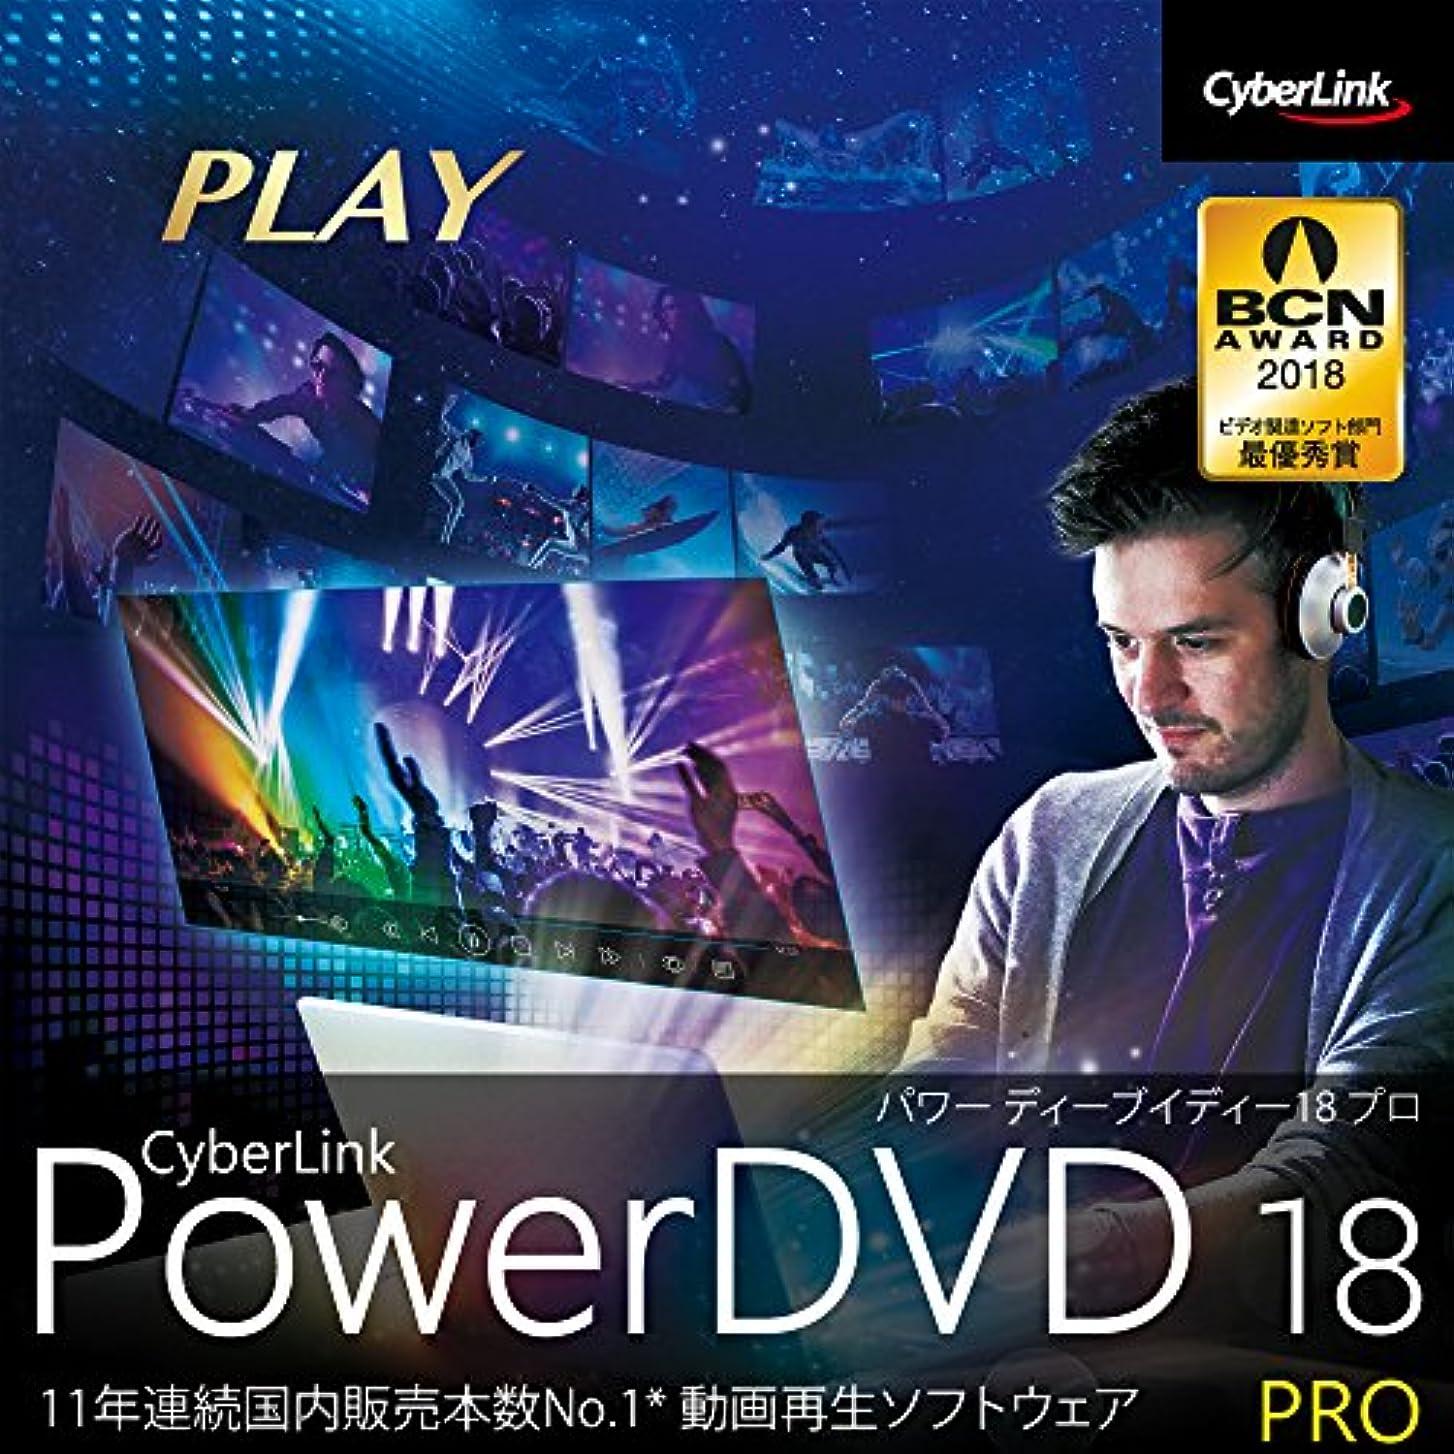 ケージカート変形するPowerDVD 18 Pro ダウンロード版